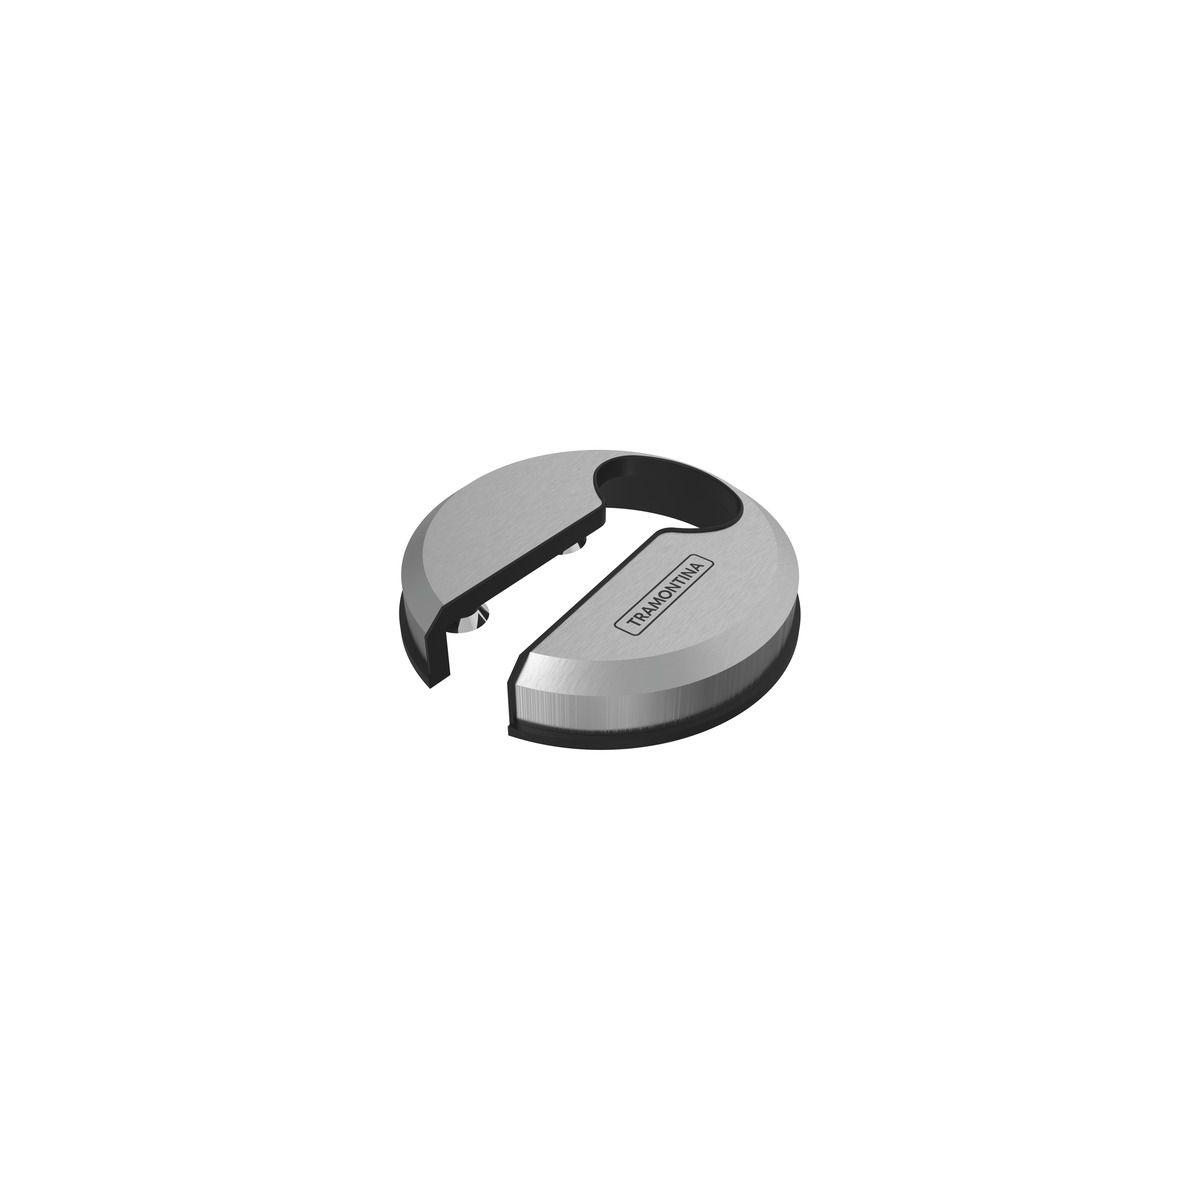 Corta Lacre Tramontina Harmoniza com Corpo em Aço Inox e Base em ABS 25553/100 | Lojas Estrela